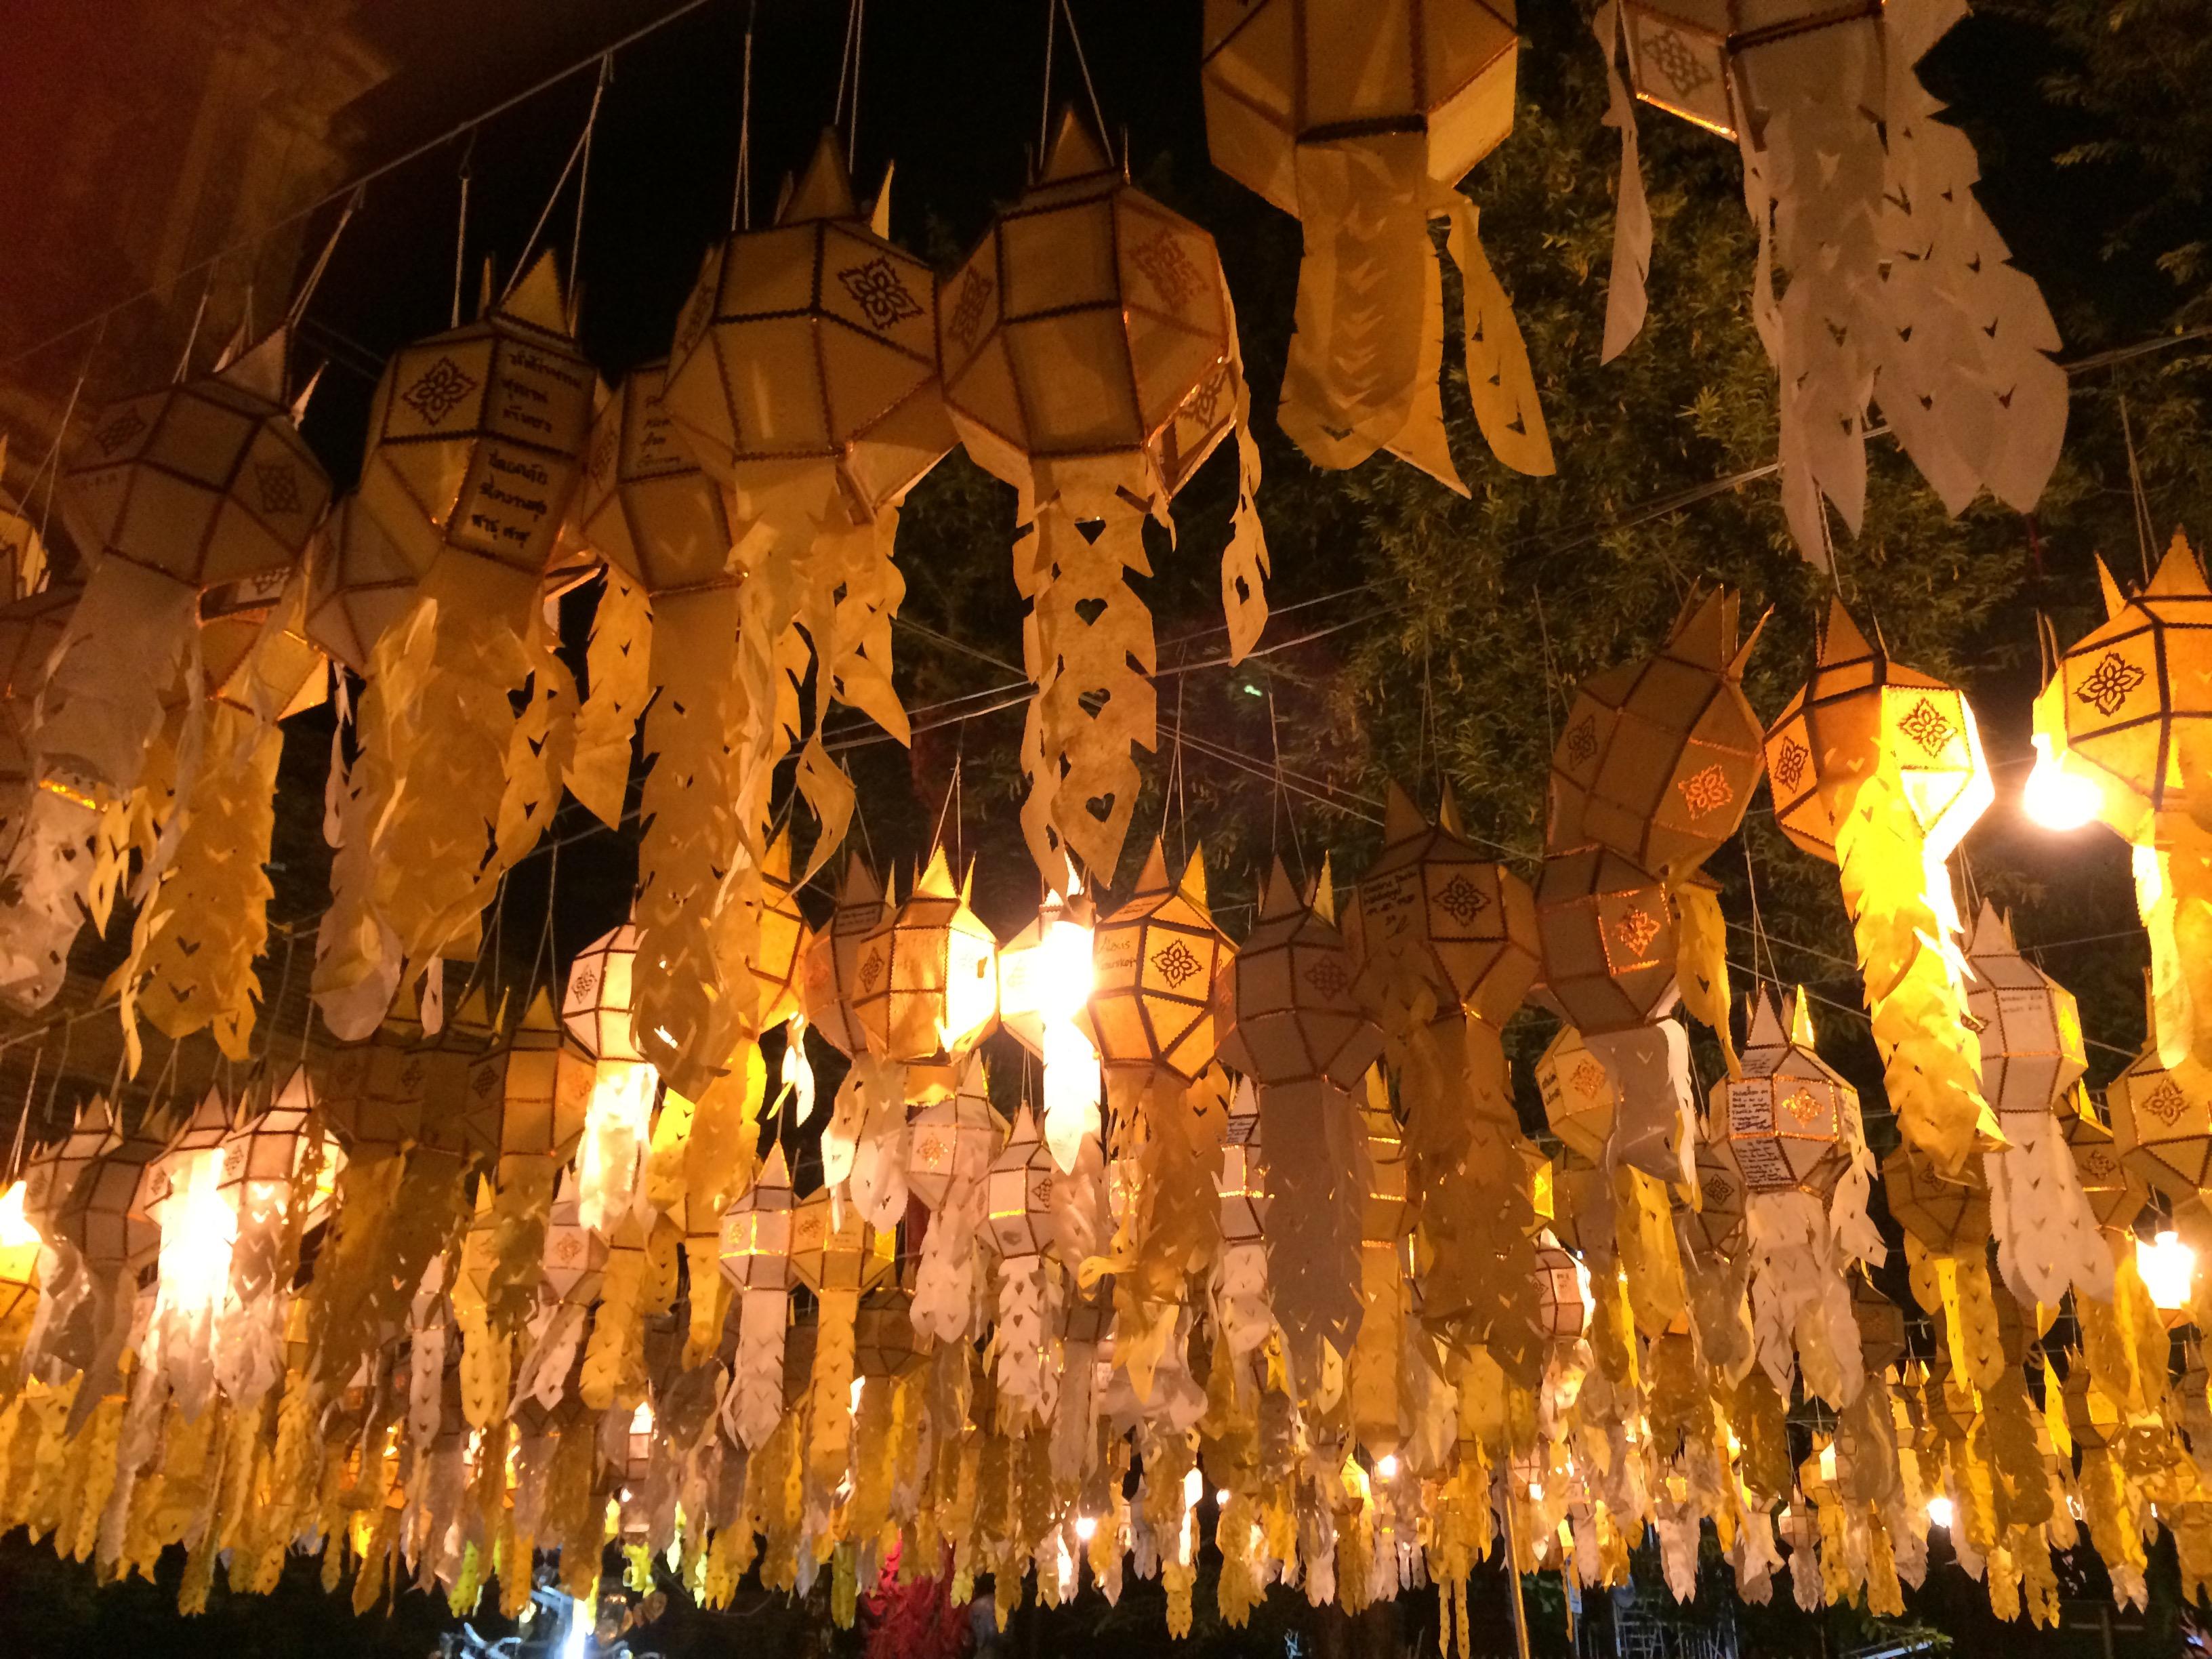 タイのお祭りロイクラトンの飾りです~。幻想的でキレイです(^o^)